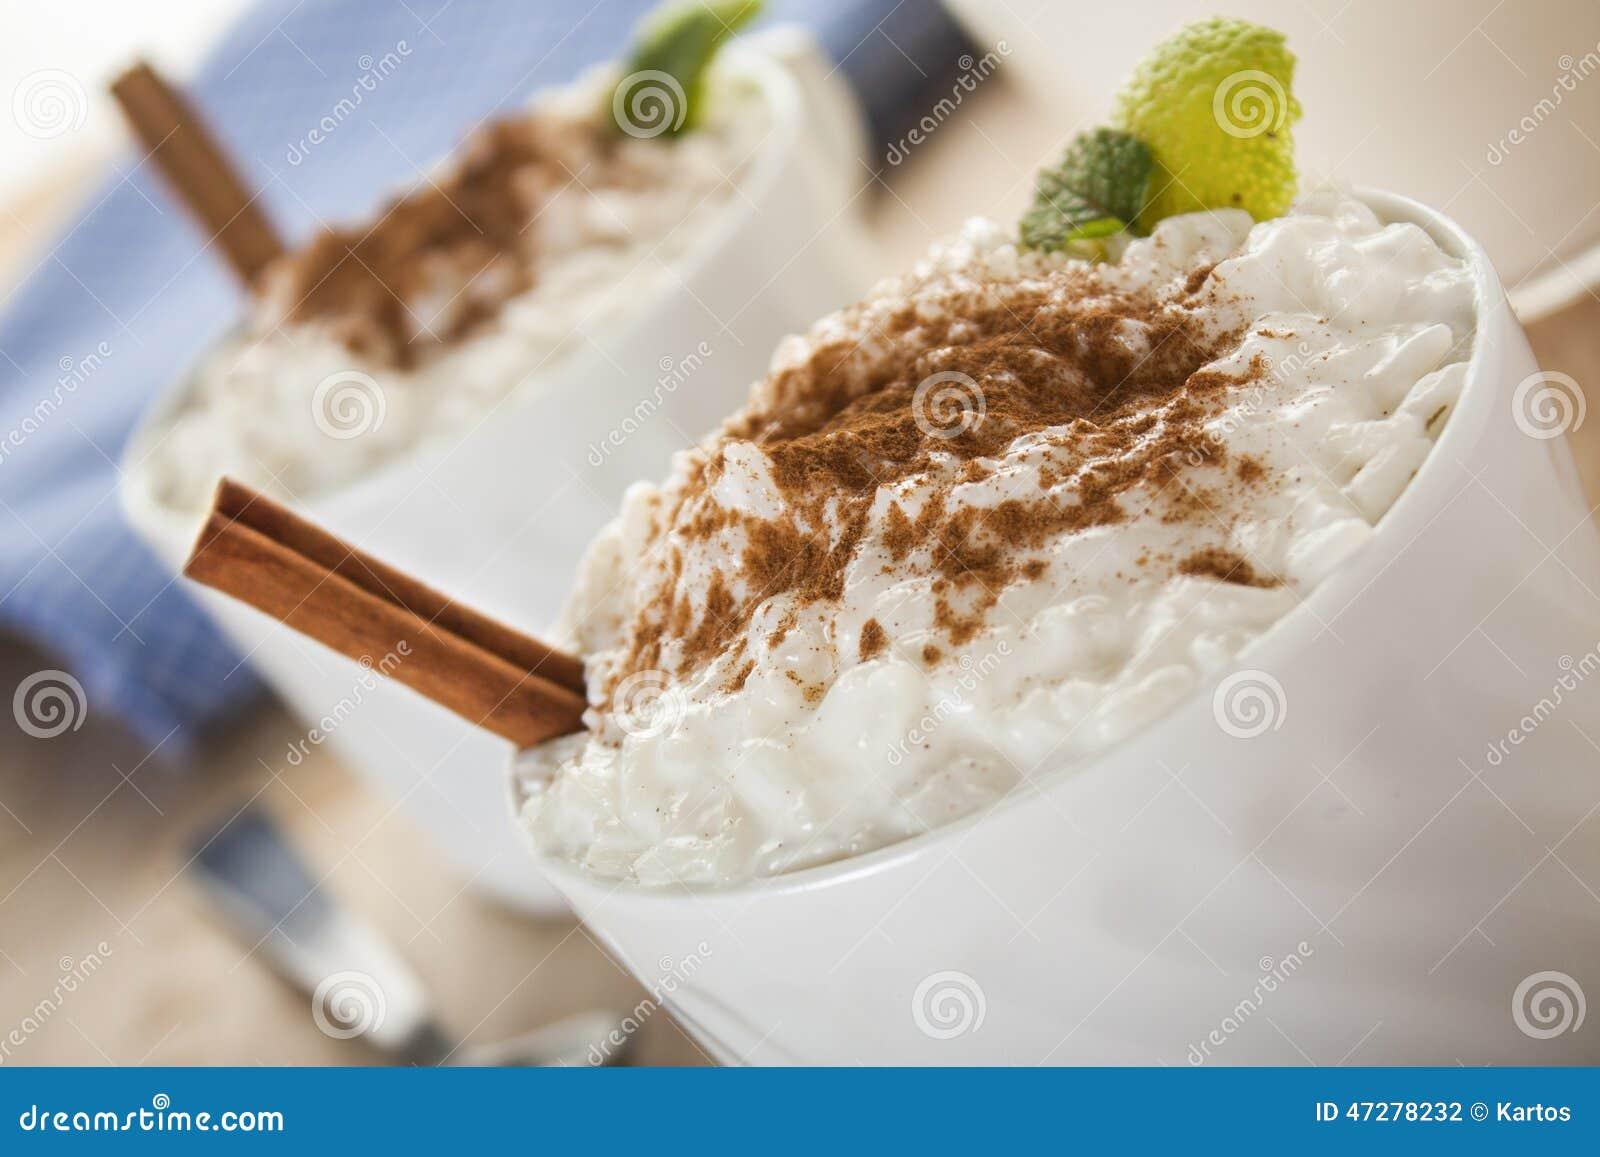 κρεμώδες ρύζι πουτίγκας